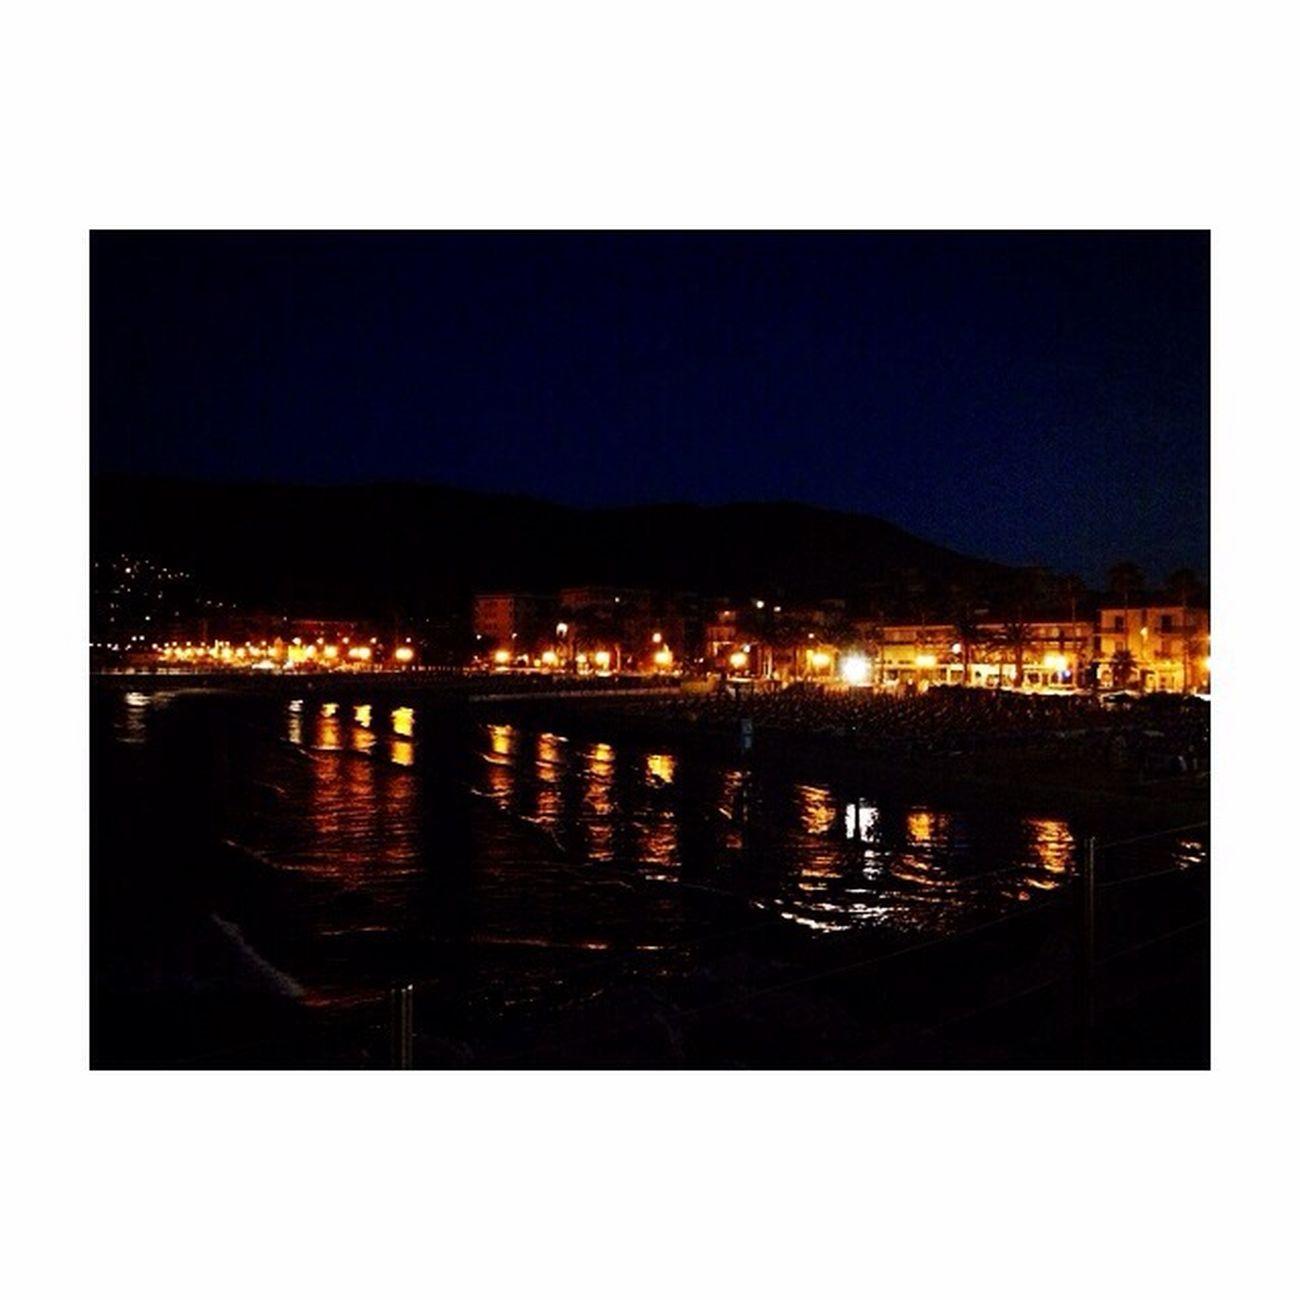 Alassio by night